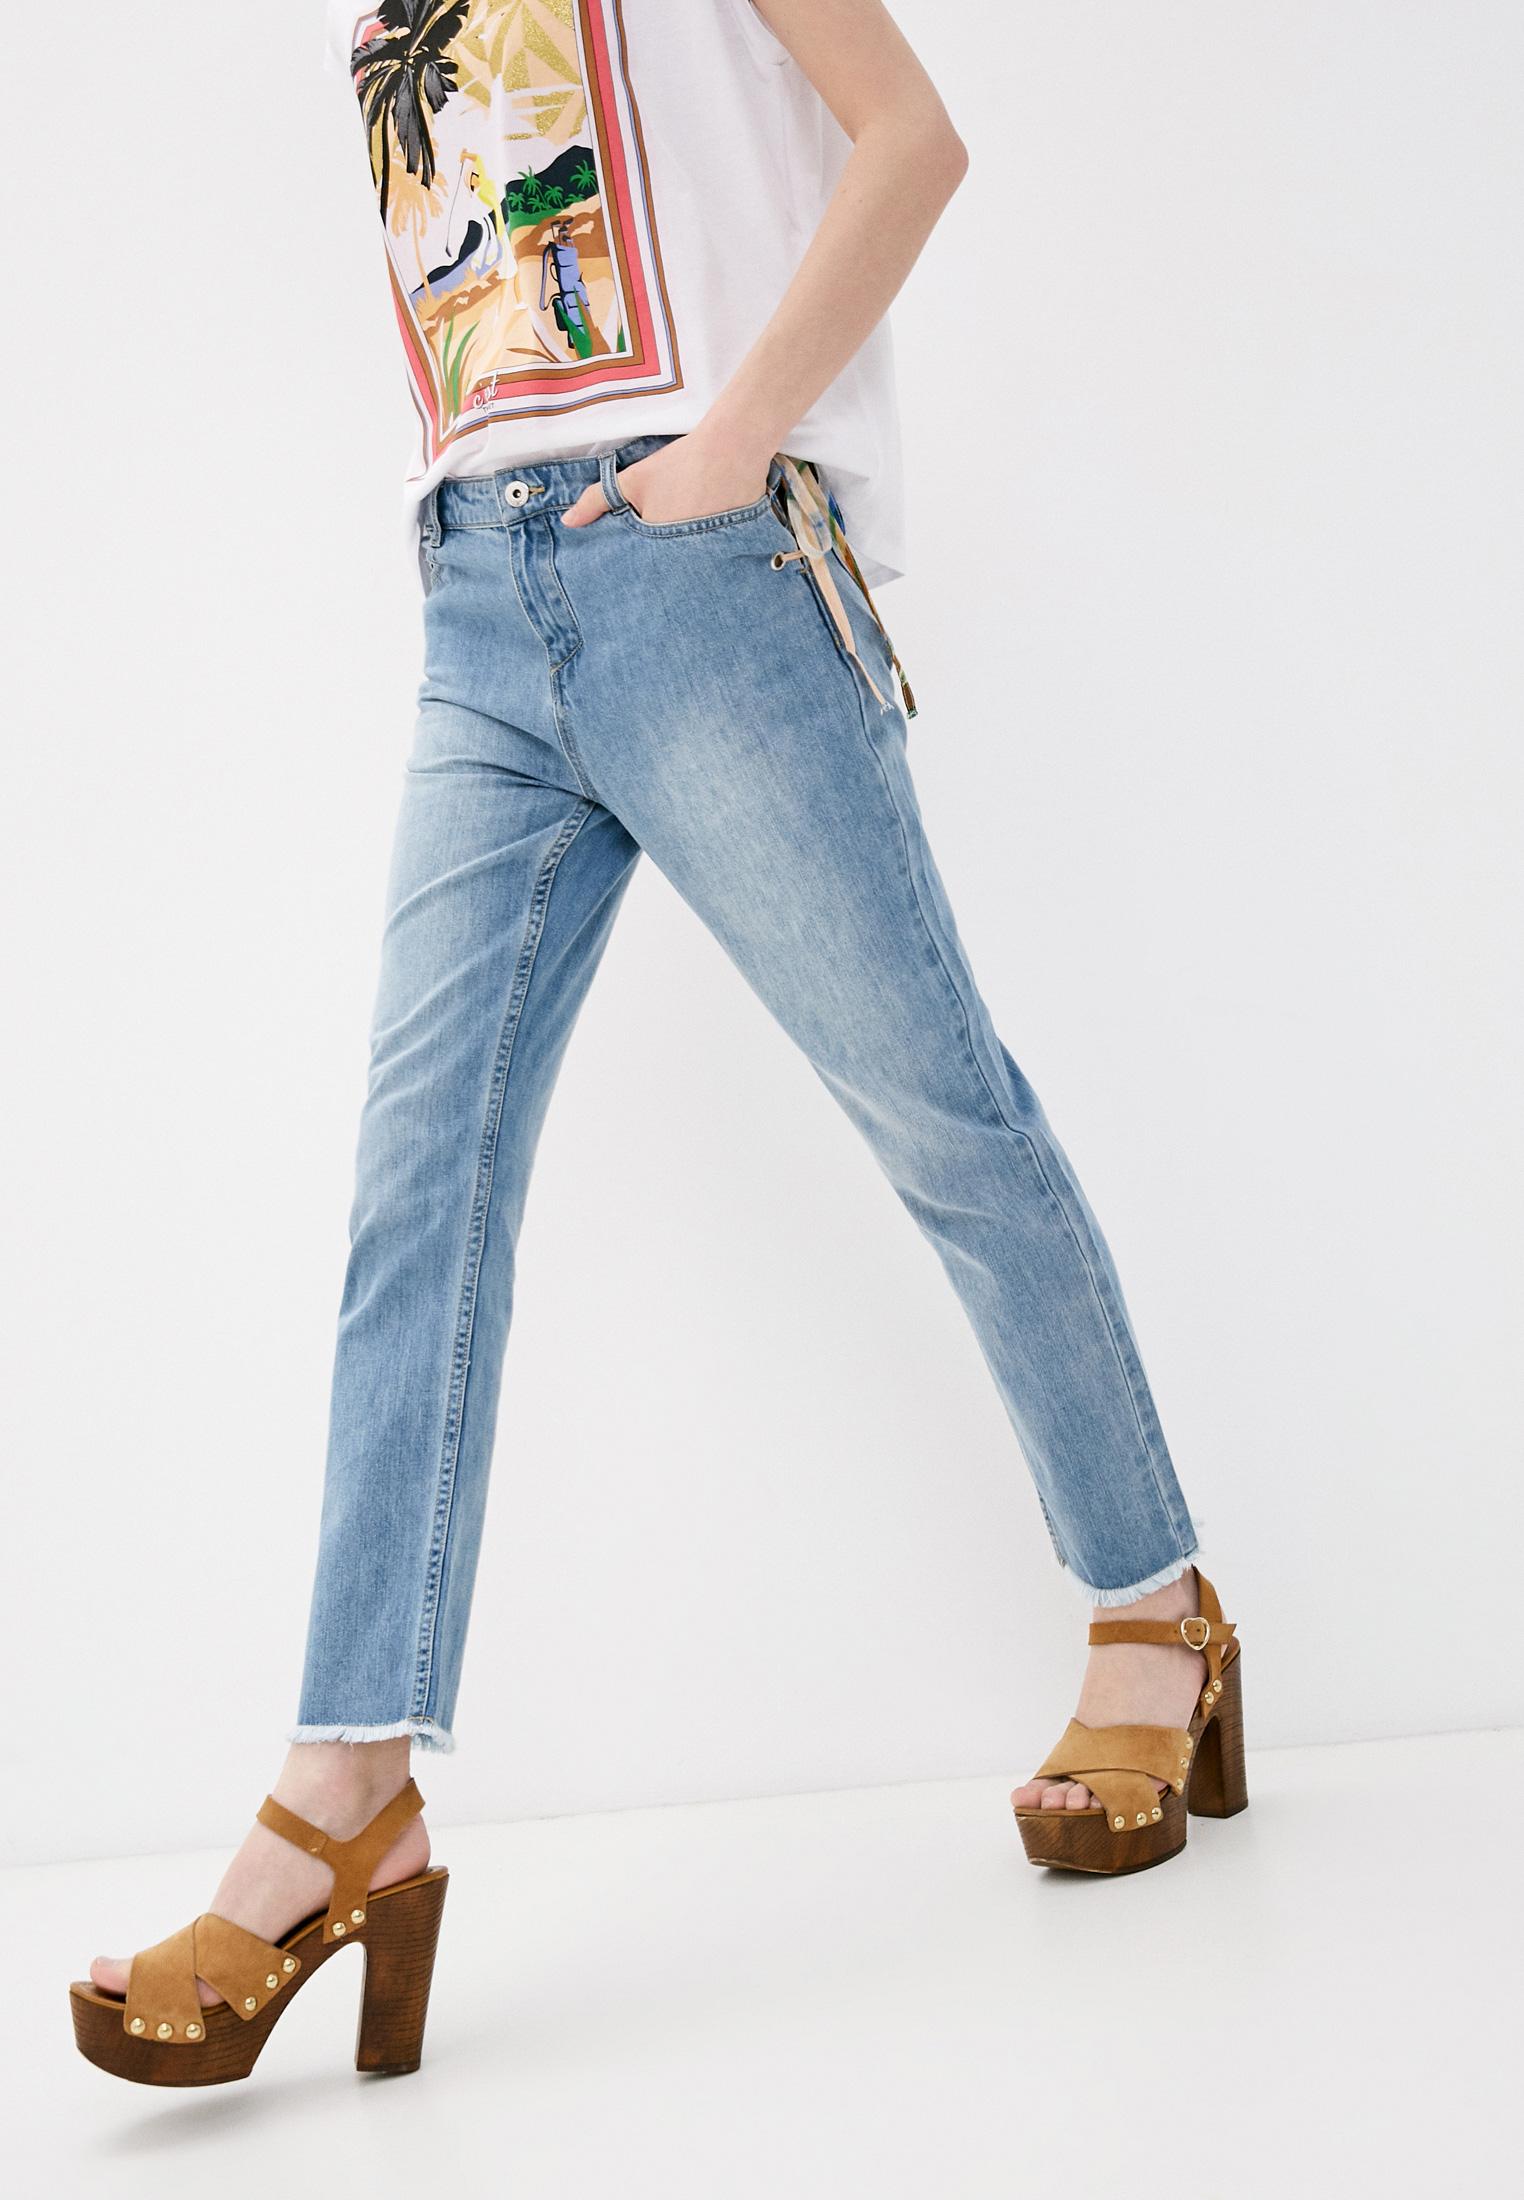 Зауженные джинсы Twinset Milano Джинсы Twinset Milano